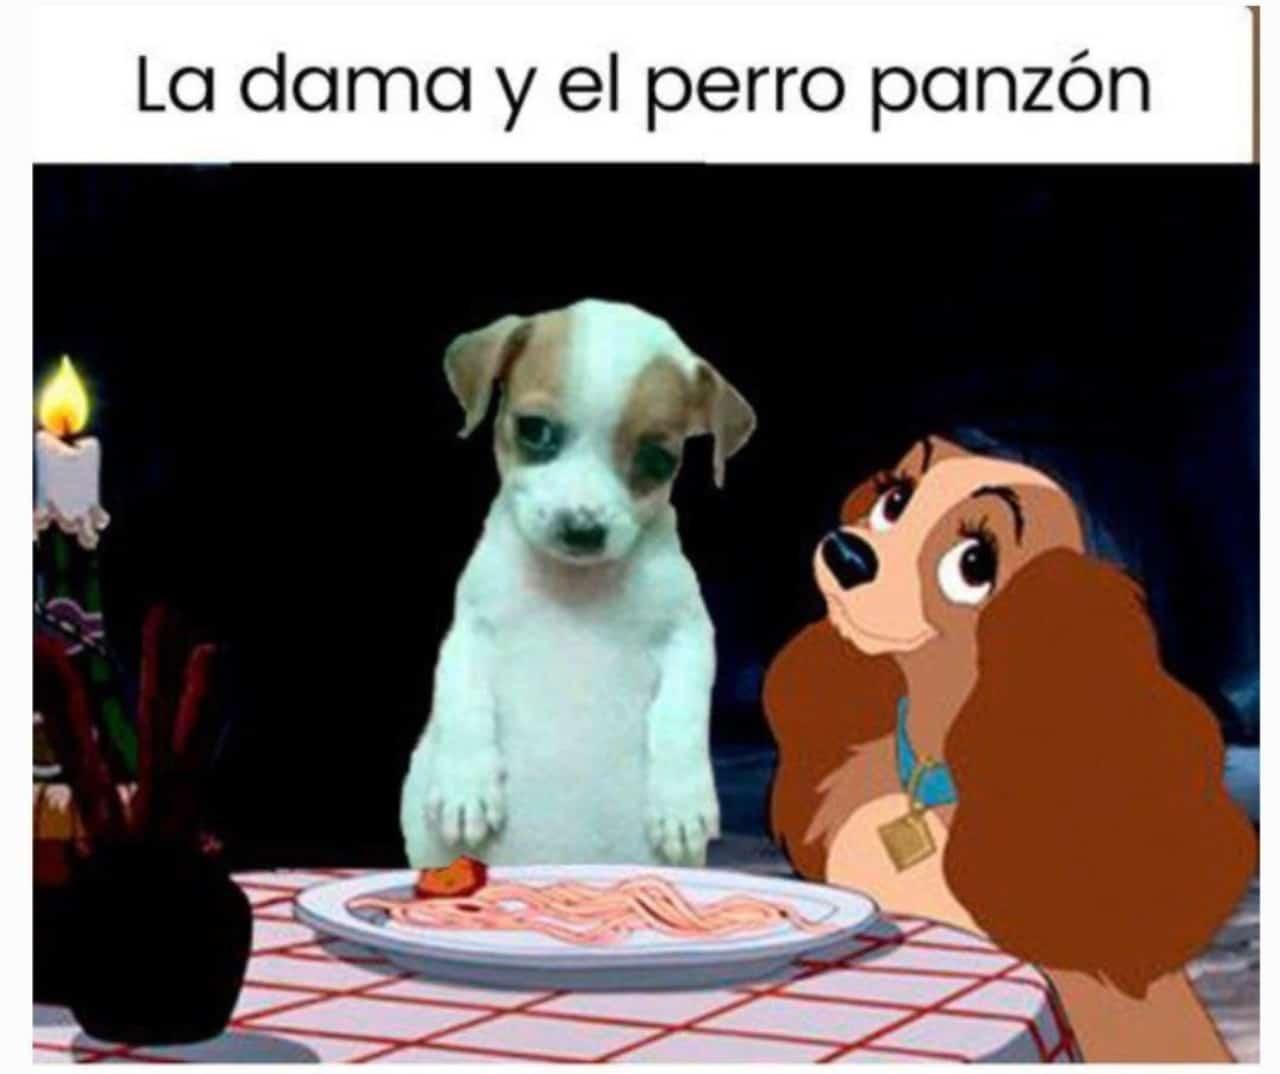 Meme la dama y el perro panson